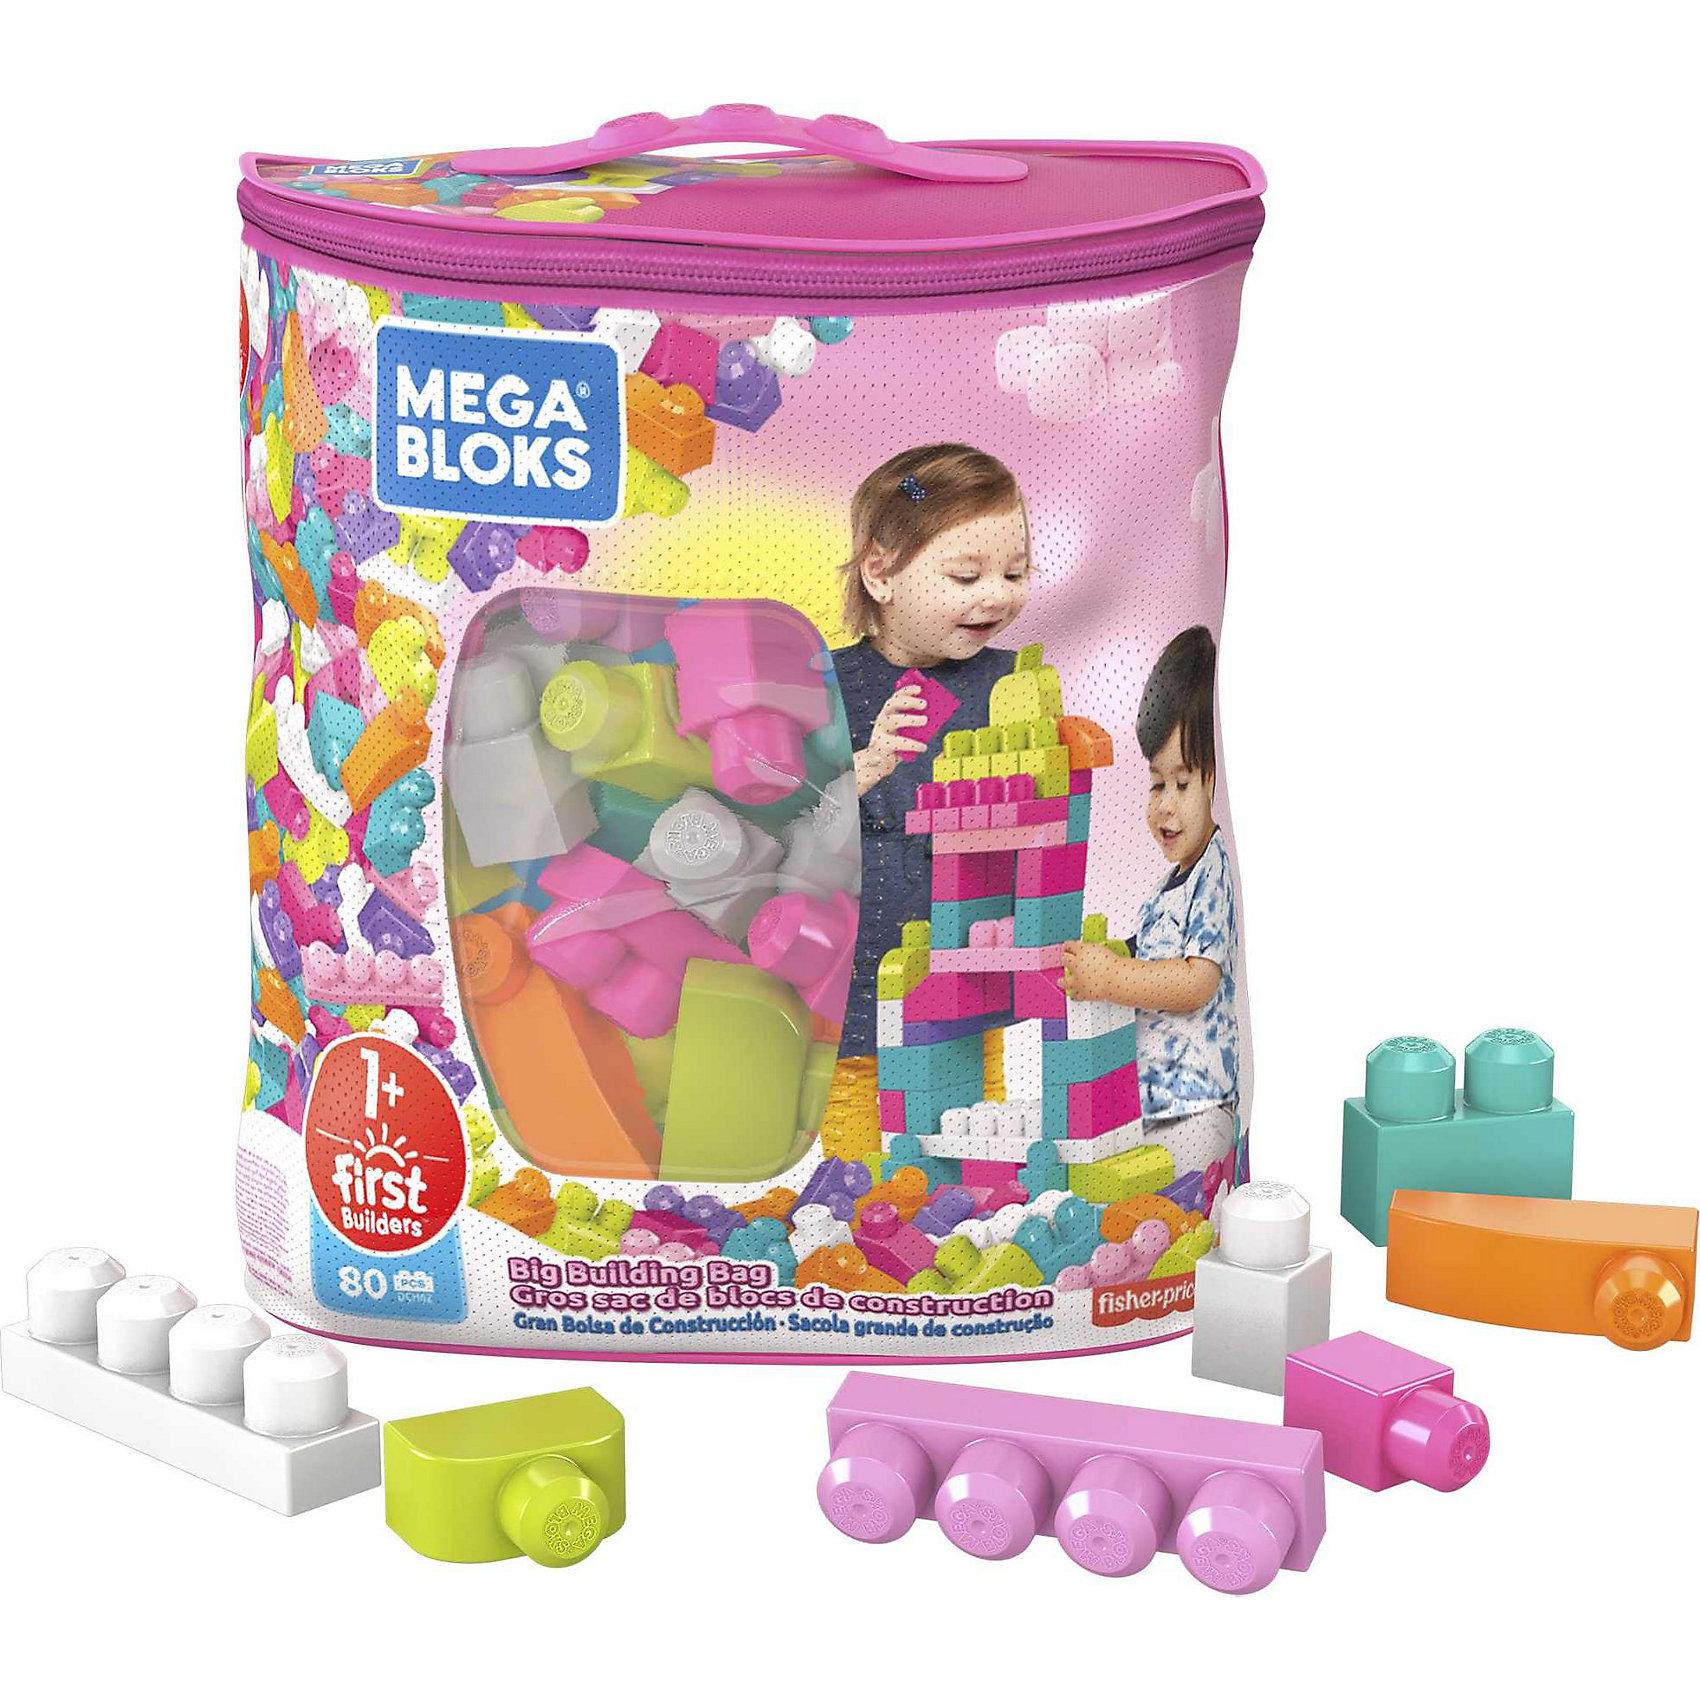 Конструктор 80 деталей First Builders, пастельных цветов, MEGA BLOKSПластмассовые конструкторы<br>Сумка с конструктором Maxi Эко - это конструктор серии First Builder от MEGA BLOKS (Мега Блокс),предназначенный для самых маленьких малышей. Все детали очень крупные, поэтому они не смогут навредить малышу, а играть с ними очень удобно. Внутри вы найдете 80 крупных деталей, из которых можно все что угодно.<br><br>Дополнительная информация:<br><br>- Размер упаковки: 30.5х35.6х17.8 см. <br>- Количество деталей: 80 шт.<br><br>Сумка-конструктор, Maxi пастельных цветов, MEGA BLOKS, 80 дет. можно купить в нашем магазине.<br><br>Ширина мм: 358<br>Глубина мм: 292<br>Высота мм: 200<br>Вес г: 1225<br>Возраст от месяцев: 12<br>Возраст до месяцев: 48<br>Пол: Женский<br>Возраст: Детский<br>SKU: 3180431